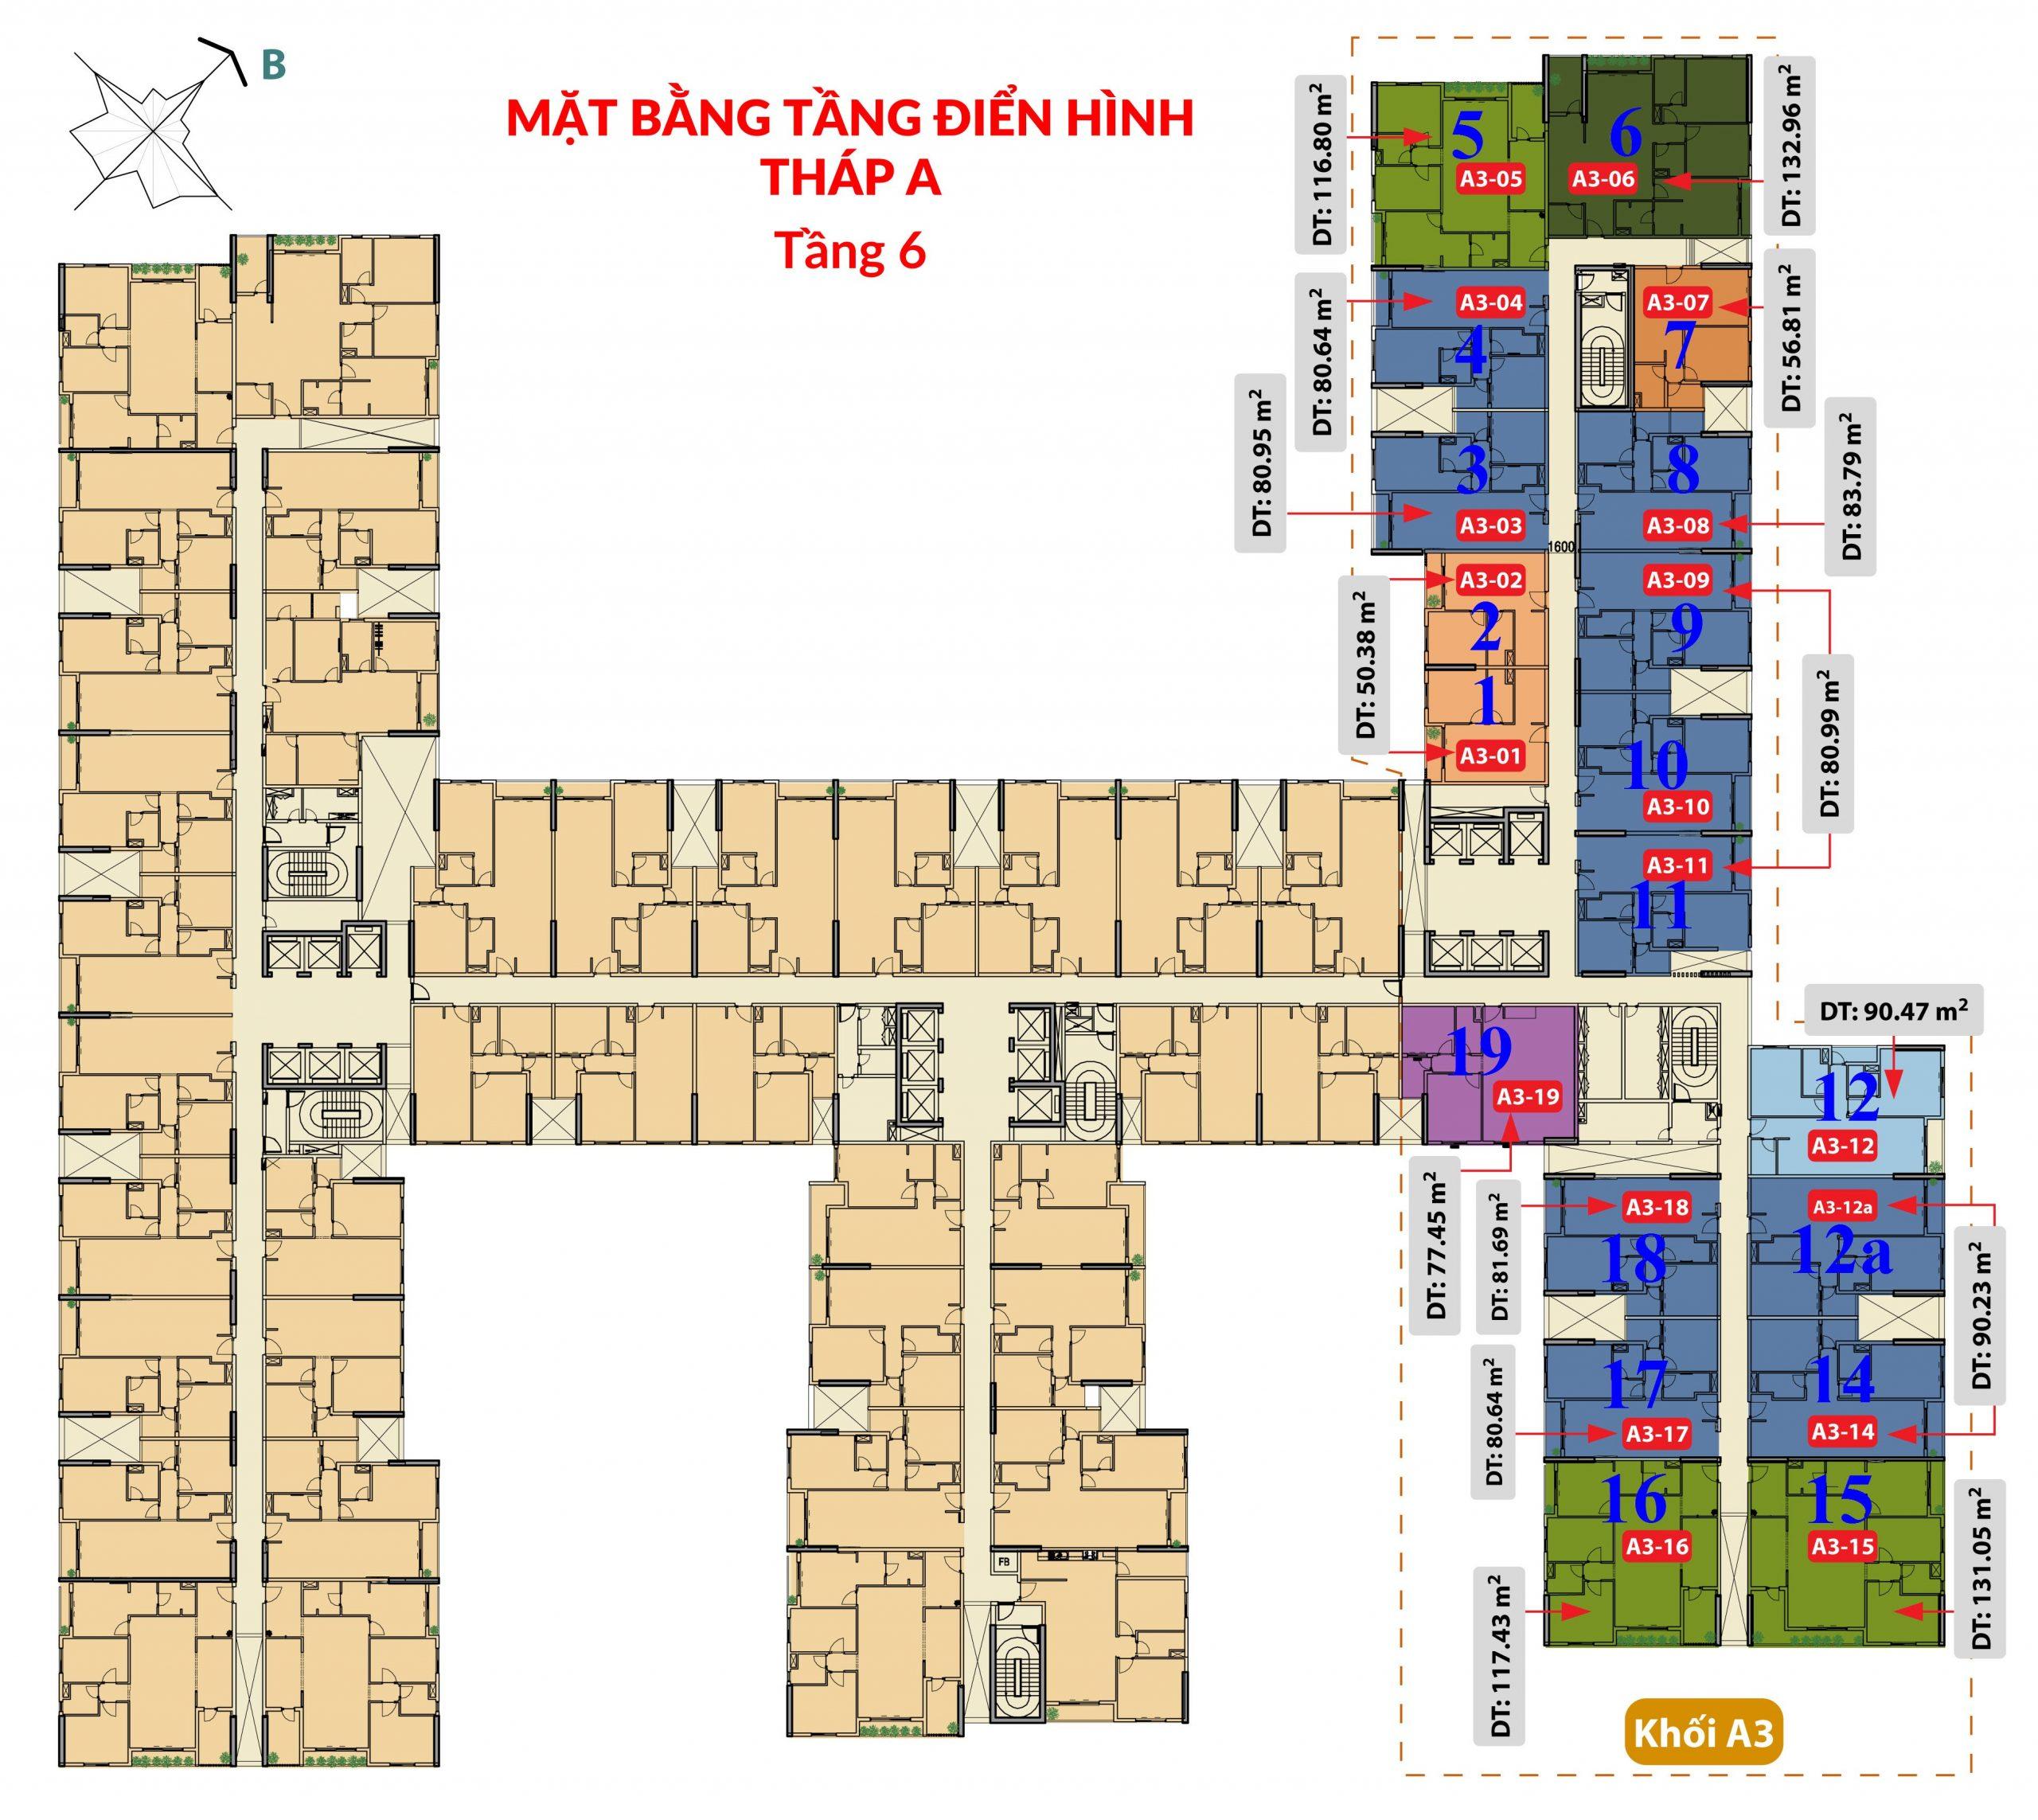 layout-mat-bang-tang-dien-hinh-tang-6-thap-A-the-gold-view